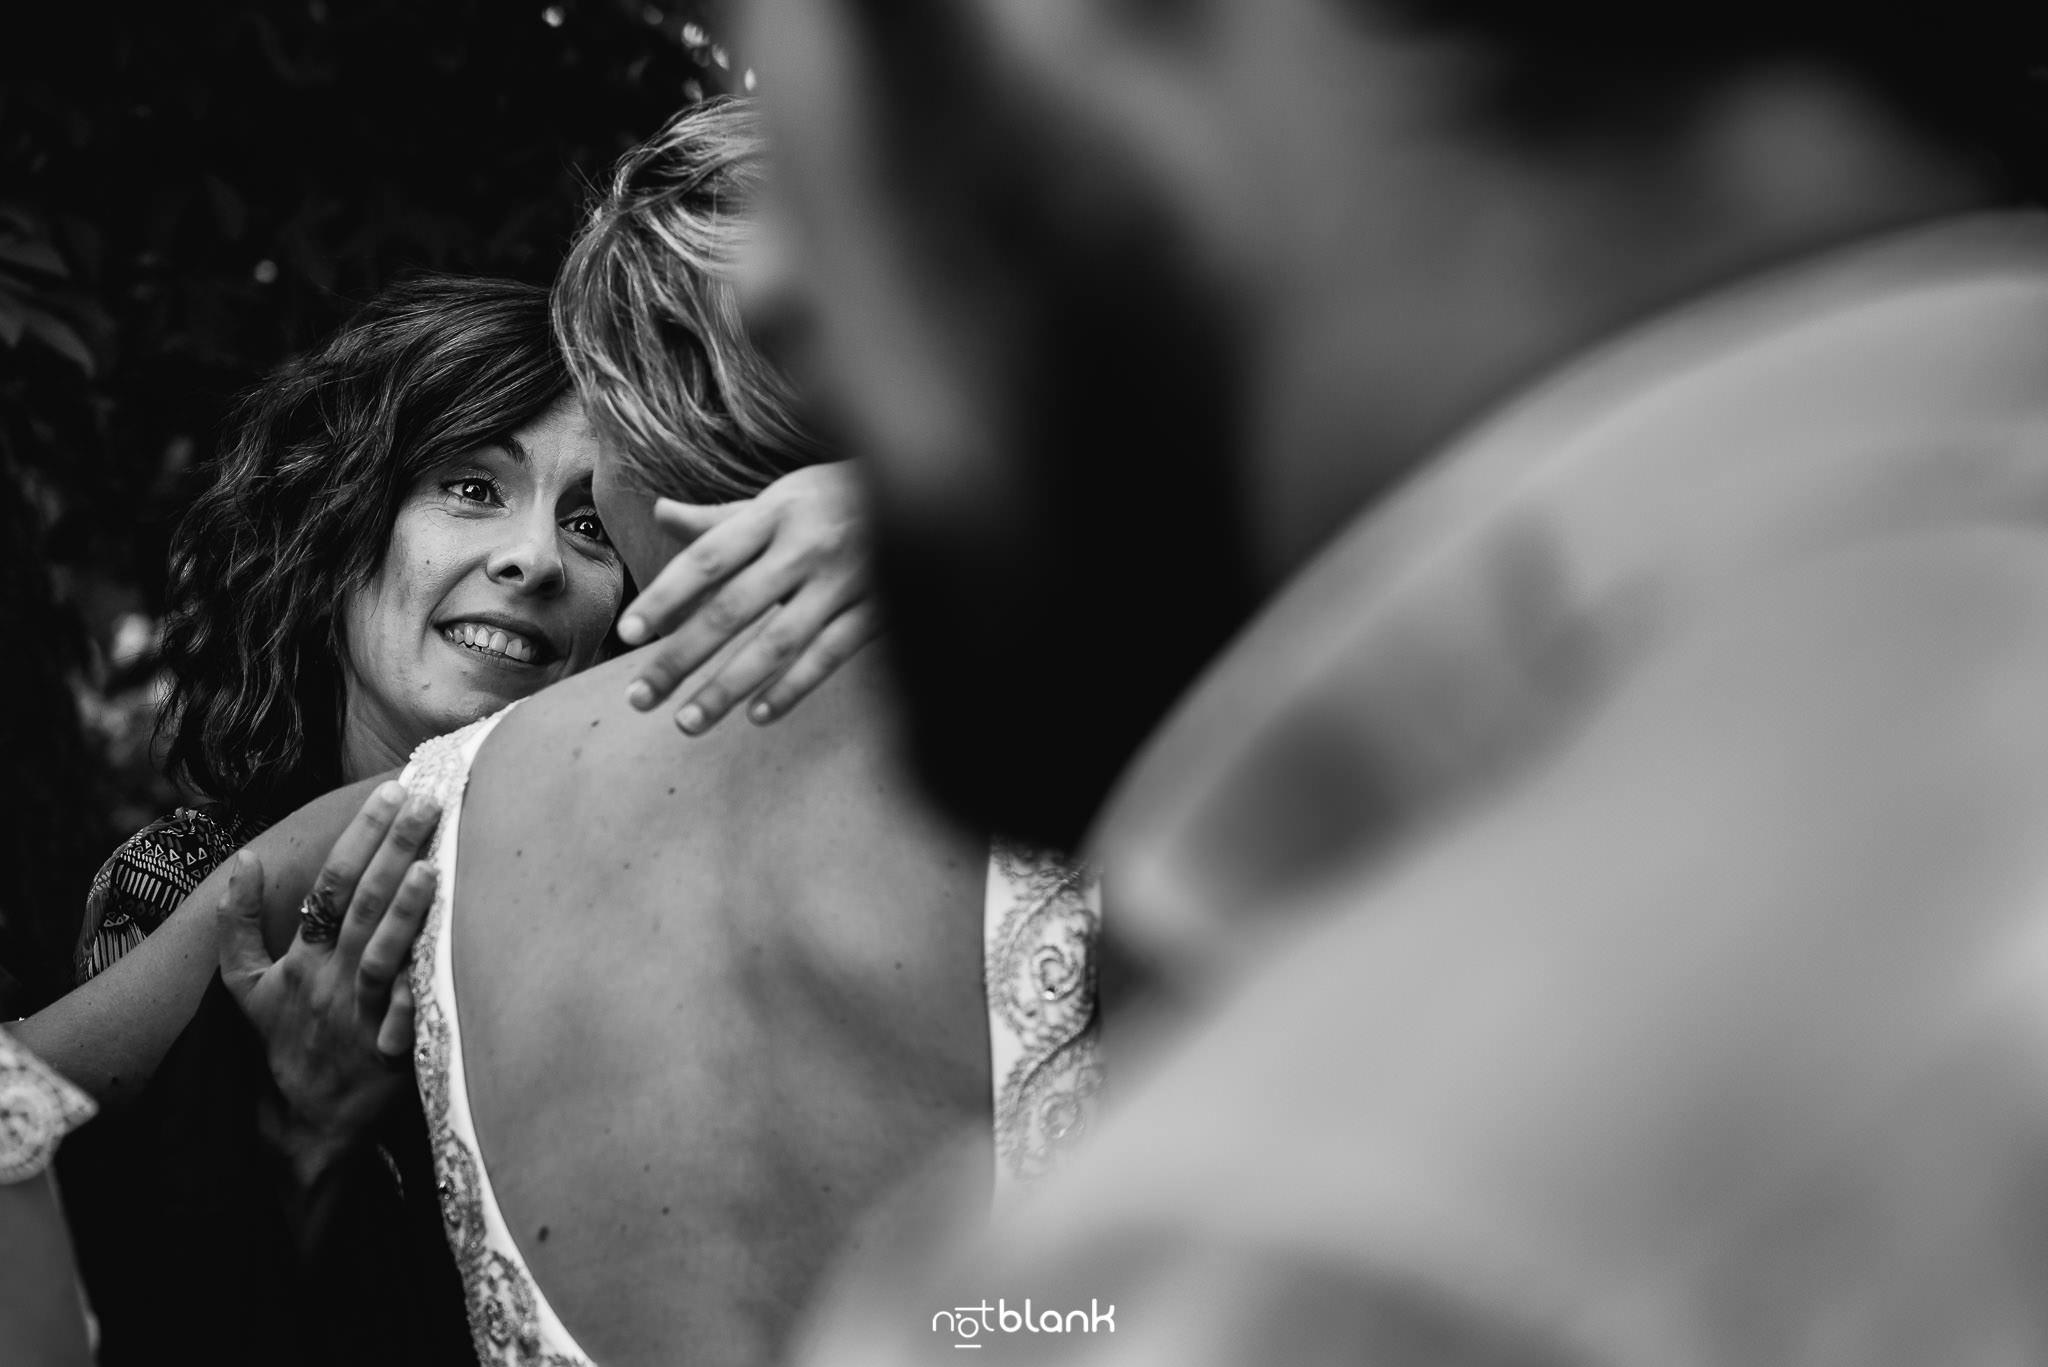 Boda En El Jardin De Casa Jana y Fran - Una amiga abraza a la novia despues de la ceremonia - Notblank Fotografos de boda